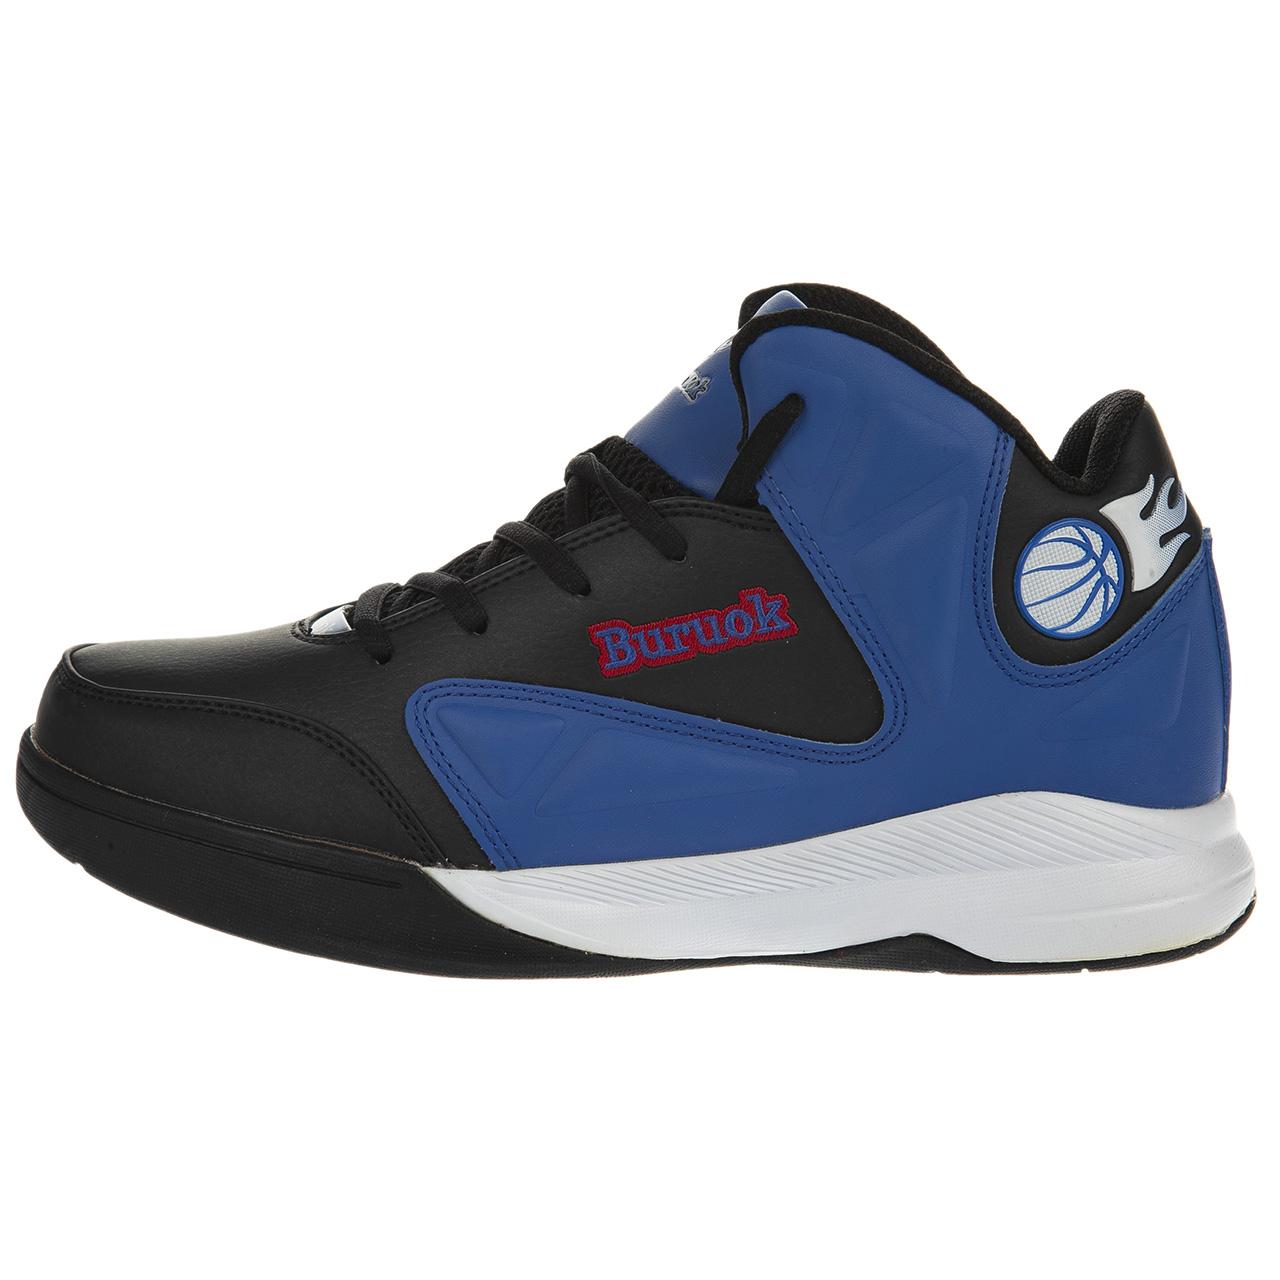 قیمت کفش مخصوص بسکتبال مردانه بوروک مدل B-0379